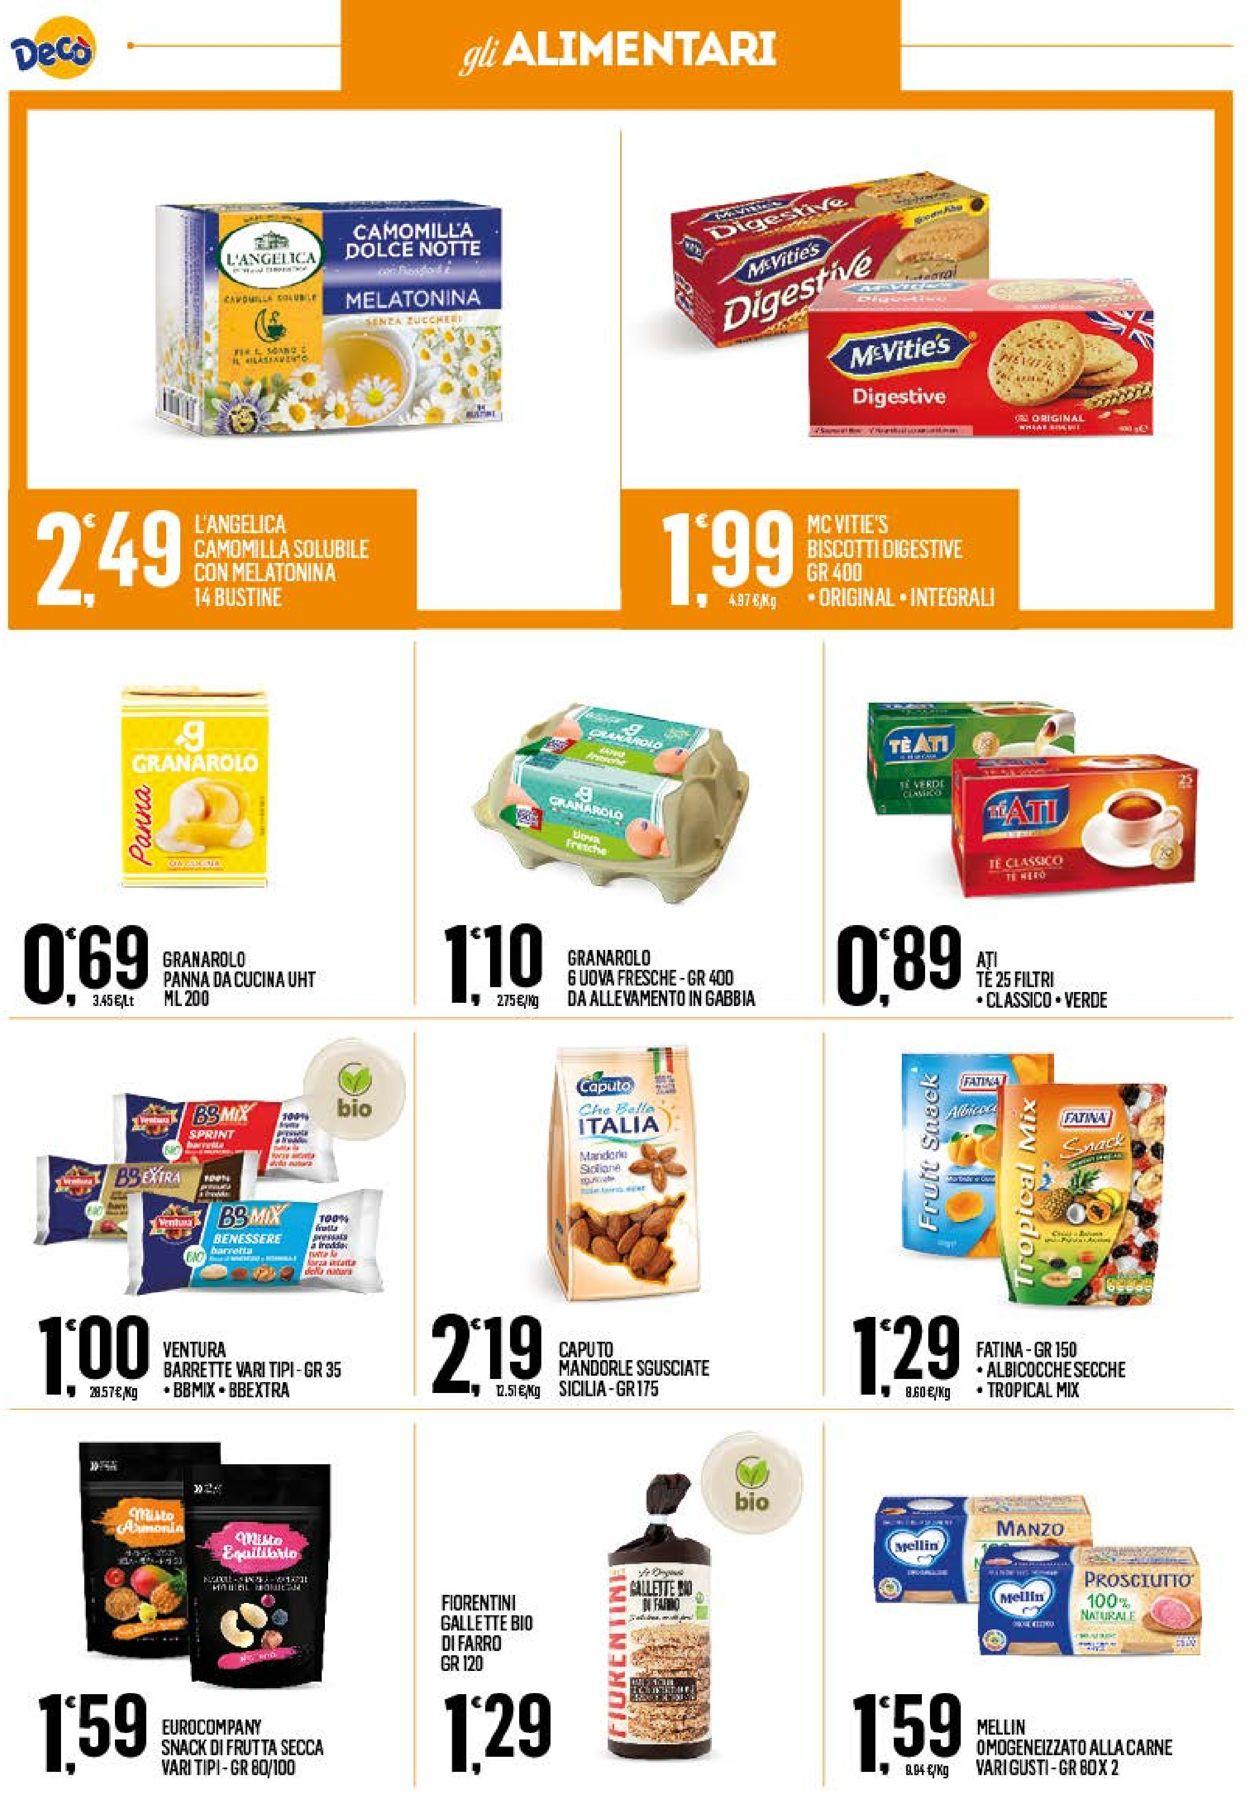 Volantino Deco Supermercati - Offerte 08/01-18/01/2021 (Pagina 16)